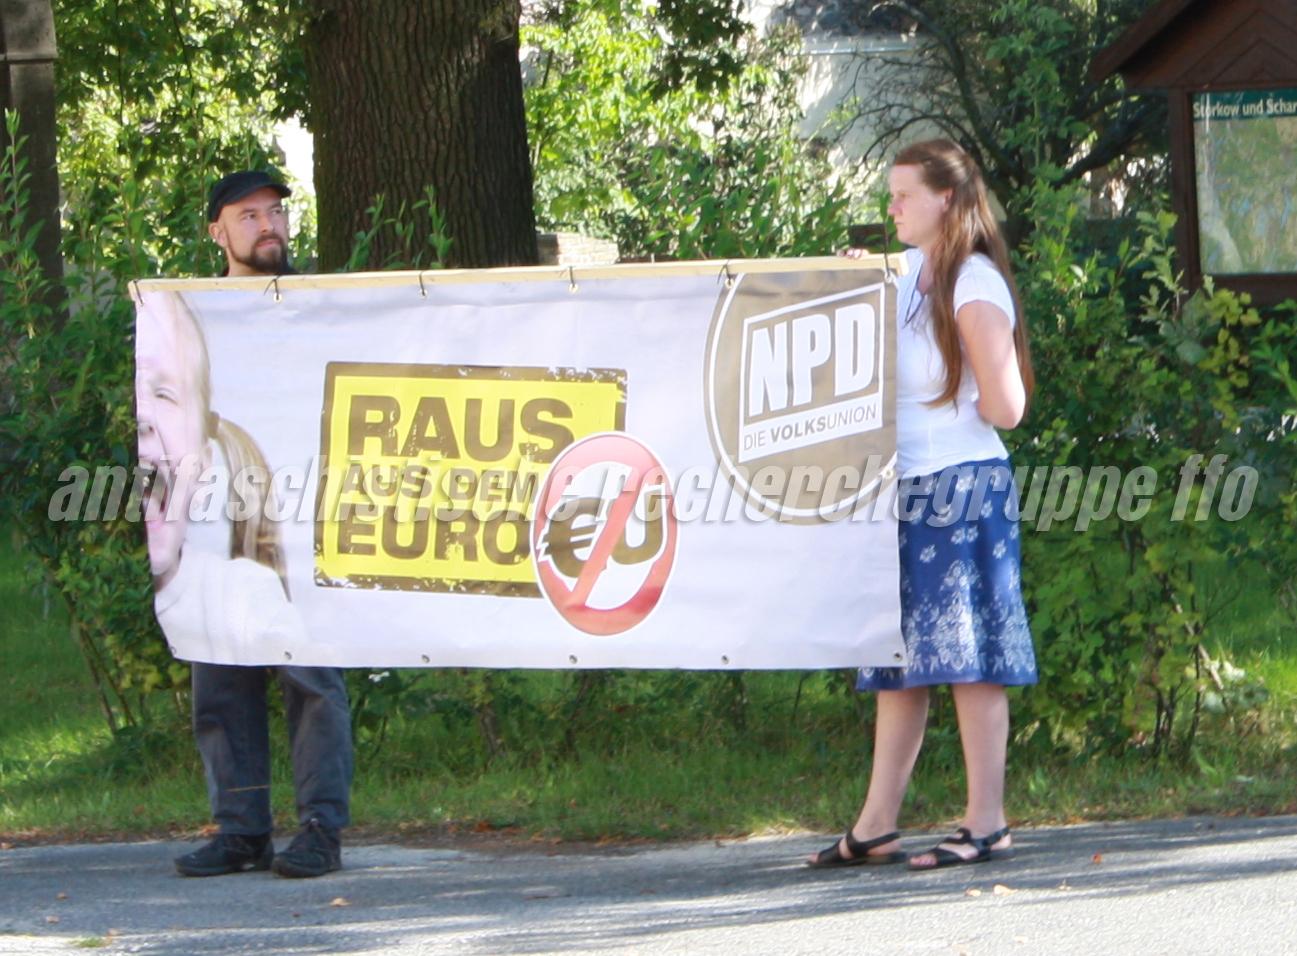 Gemeinsame Stärke beweisen Andreas Kavalir (links) und seine Lebensgefährtin Antje Kottusch (beide NPD Schöneiche) bei einer NPD-Wahlkampfveranstaltung am 21. August 2011 in Selchow.